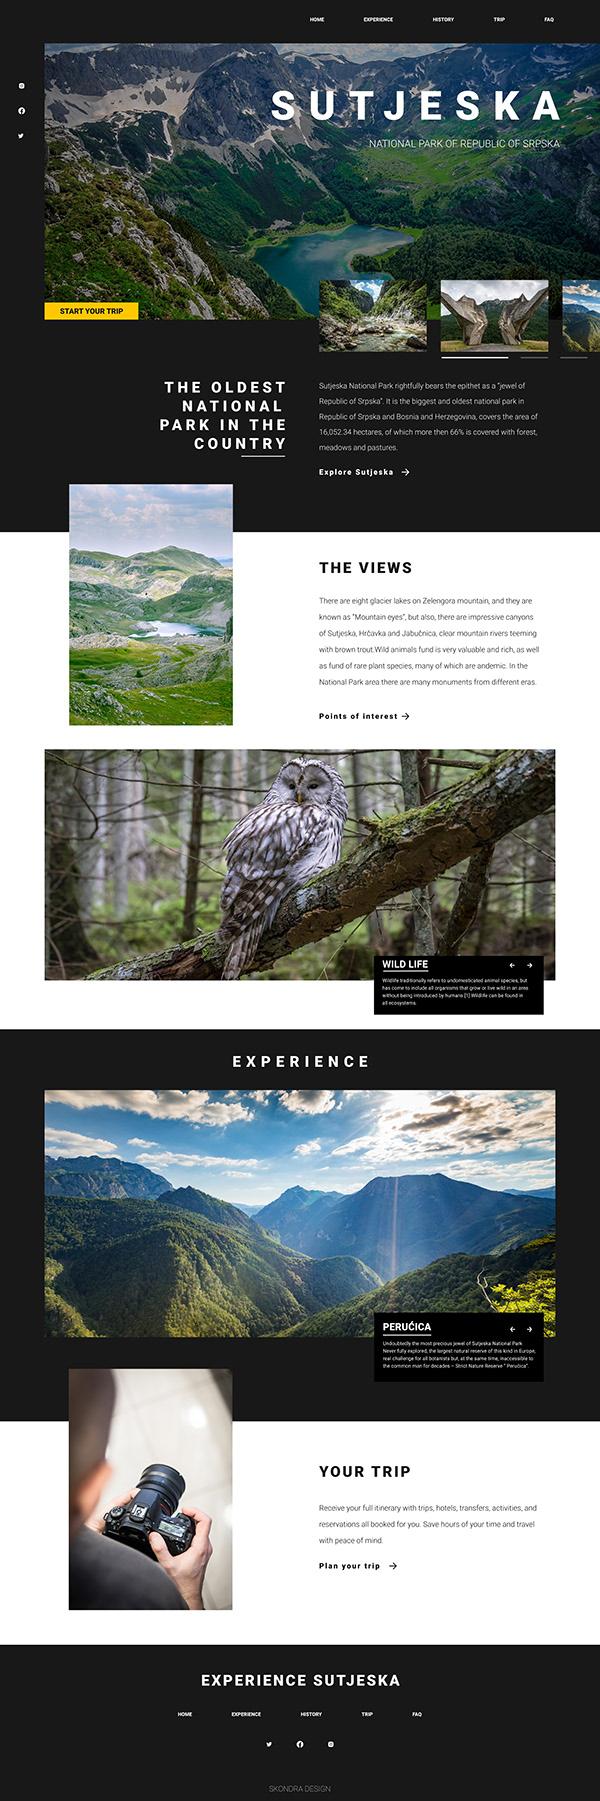 Sutjeska National Park Website